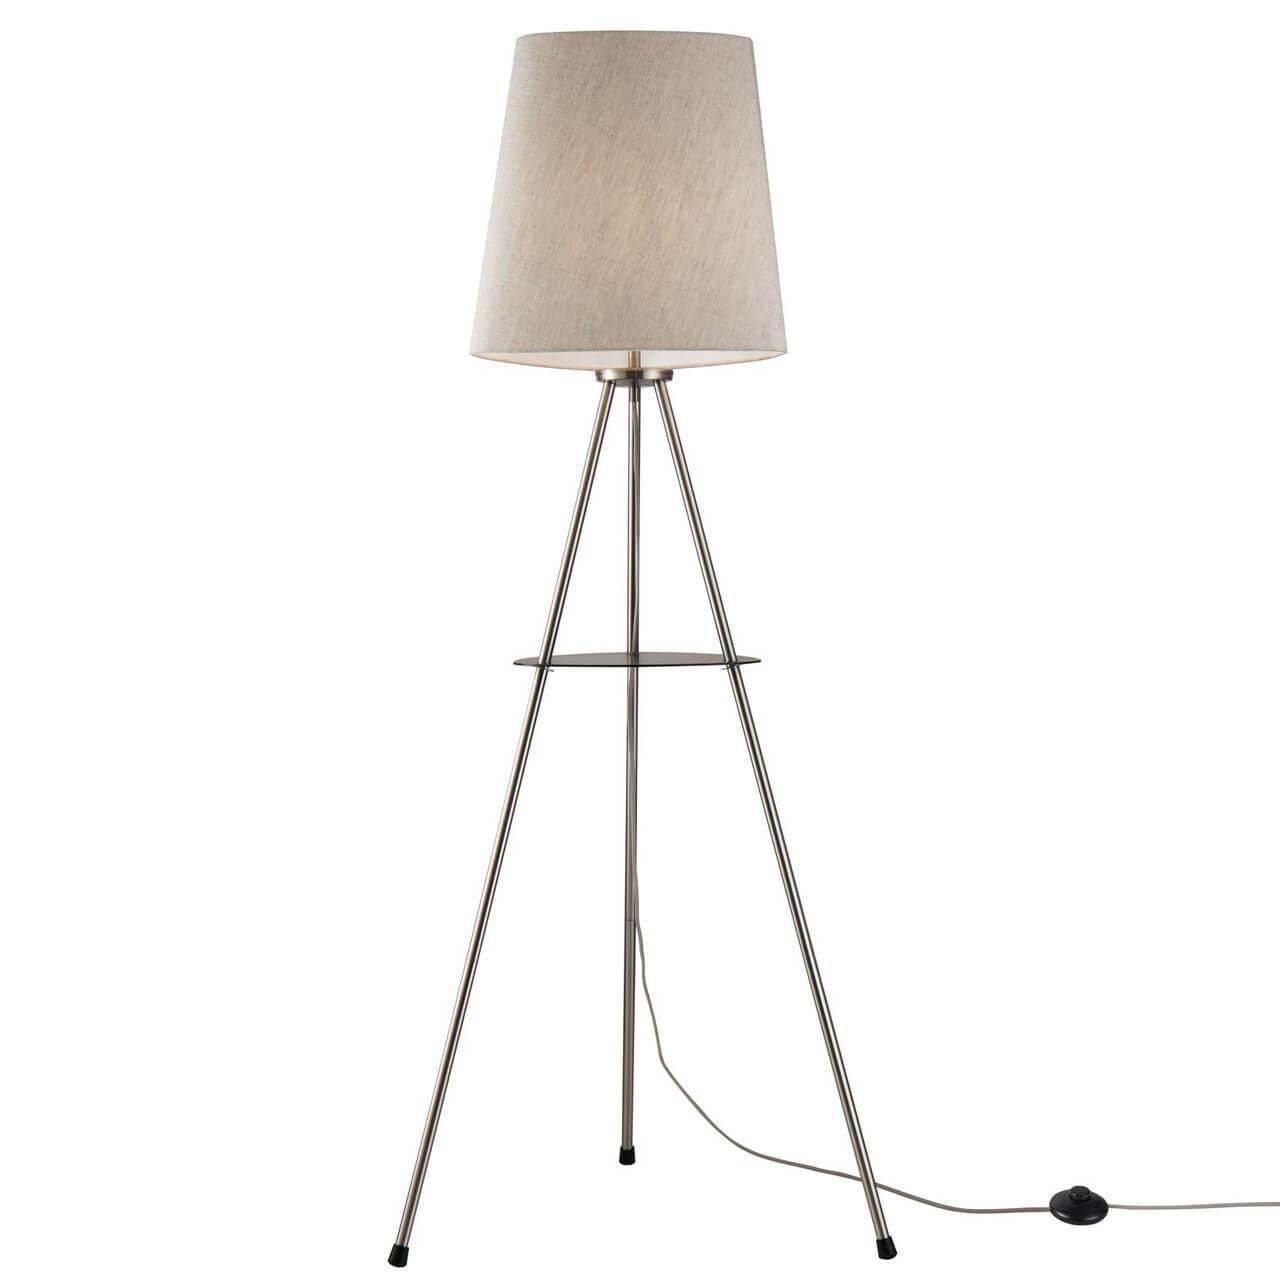 Напольный светильник Maytoni MOD008FL-01N, E27, 40 Вт торшер maytoni comfort mod008fl 01n